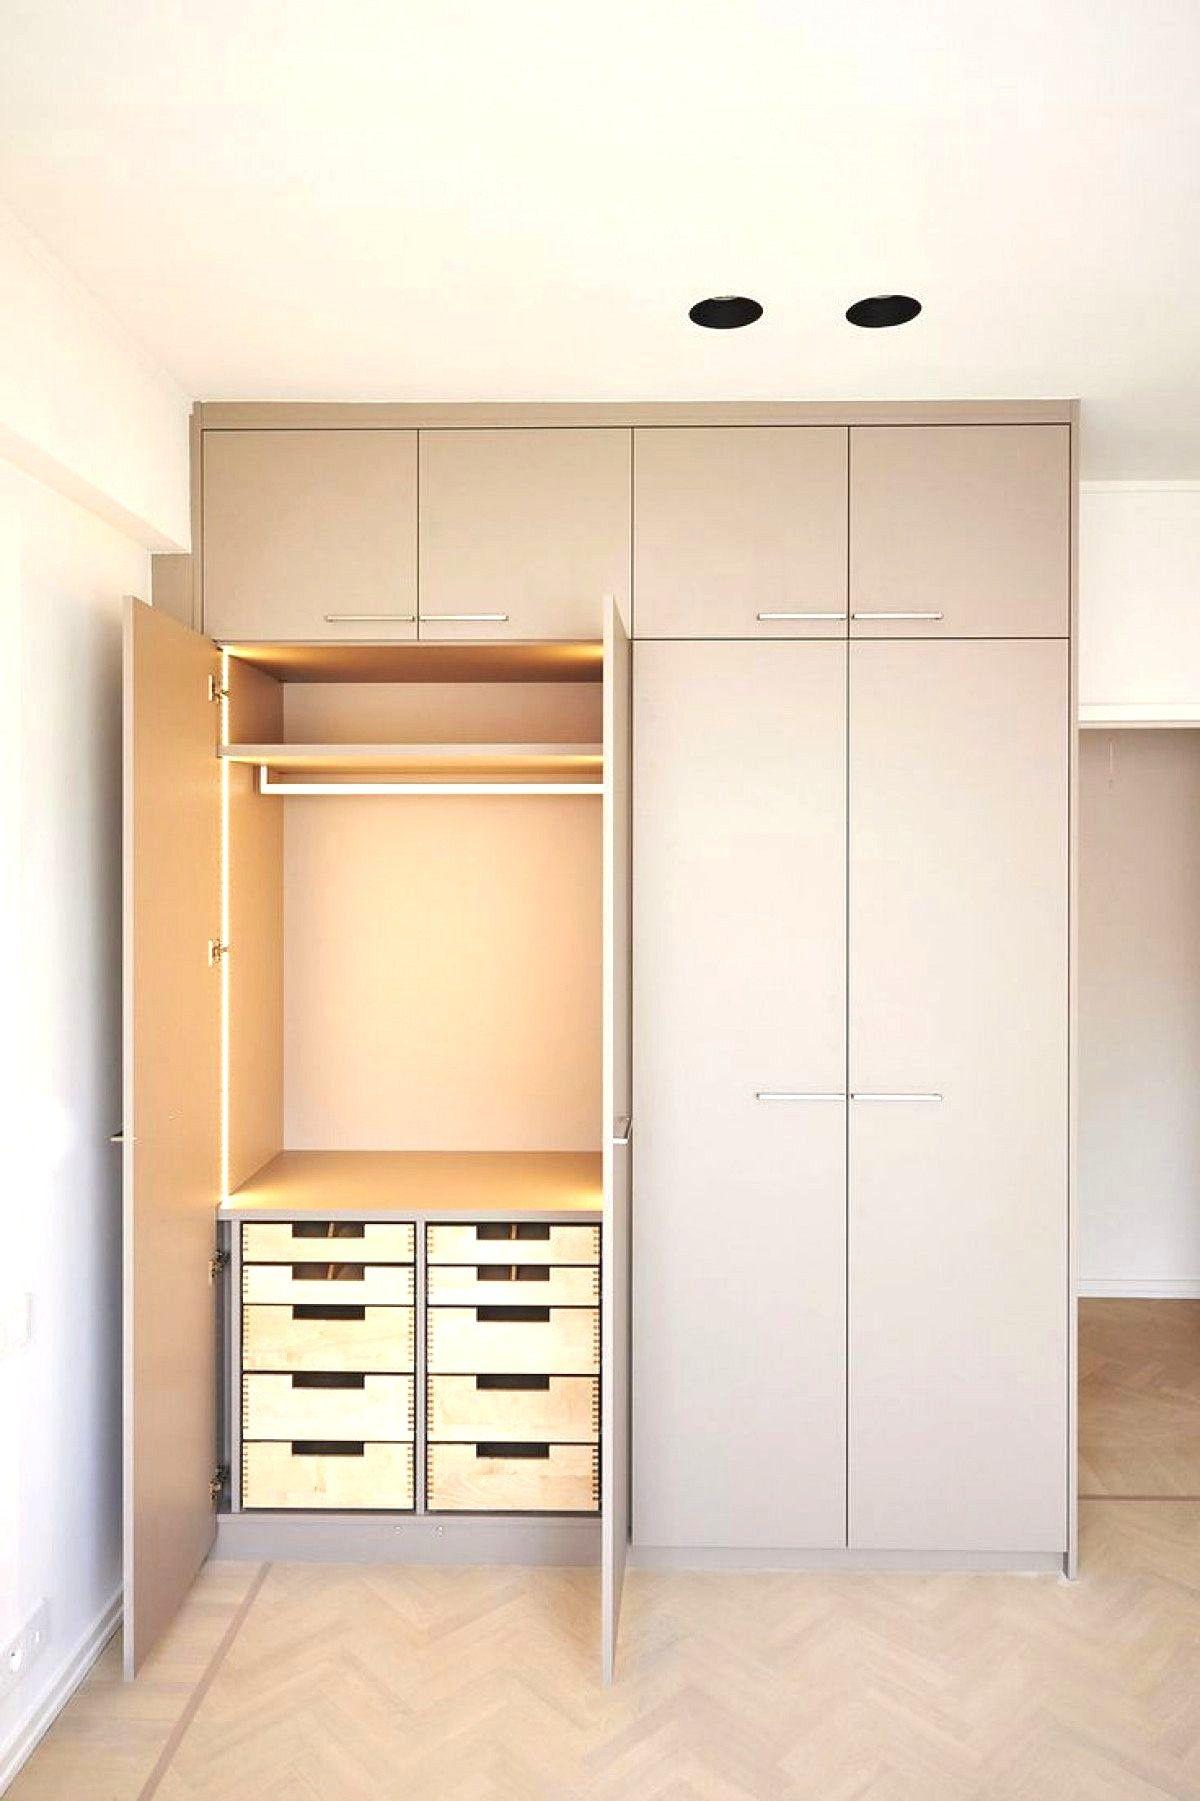 Pin Von Daniela Leon Auf Habitacion In 2020 Schlafzimmer Schrank Ideen Einbauschrank Modernes Schlafzimmer